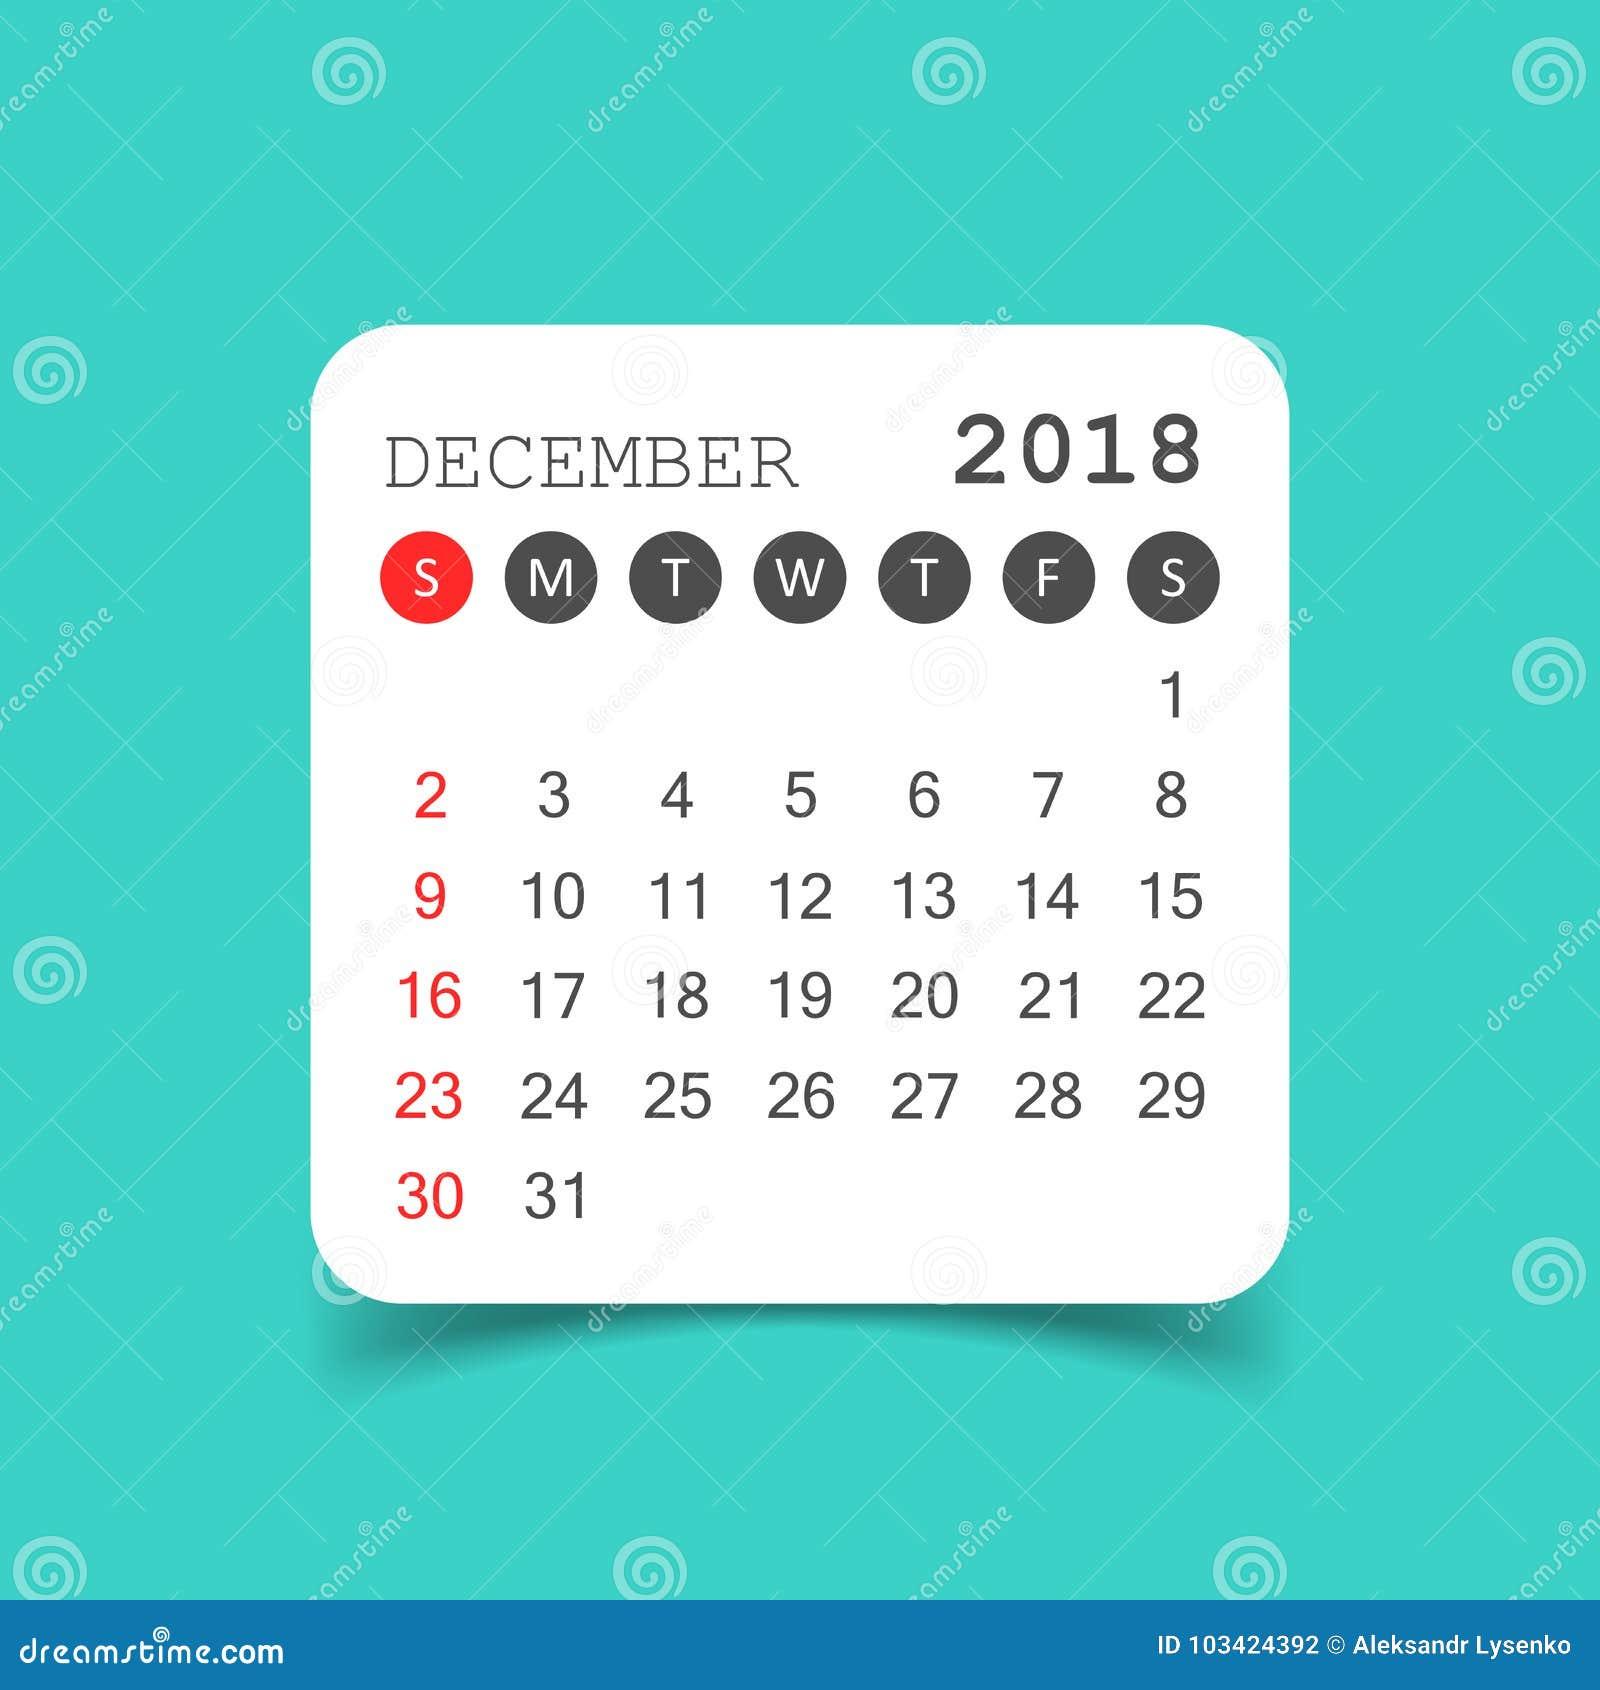 December 2018 calendar. Calendar sticker design template. Week s